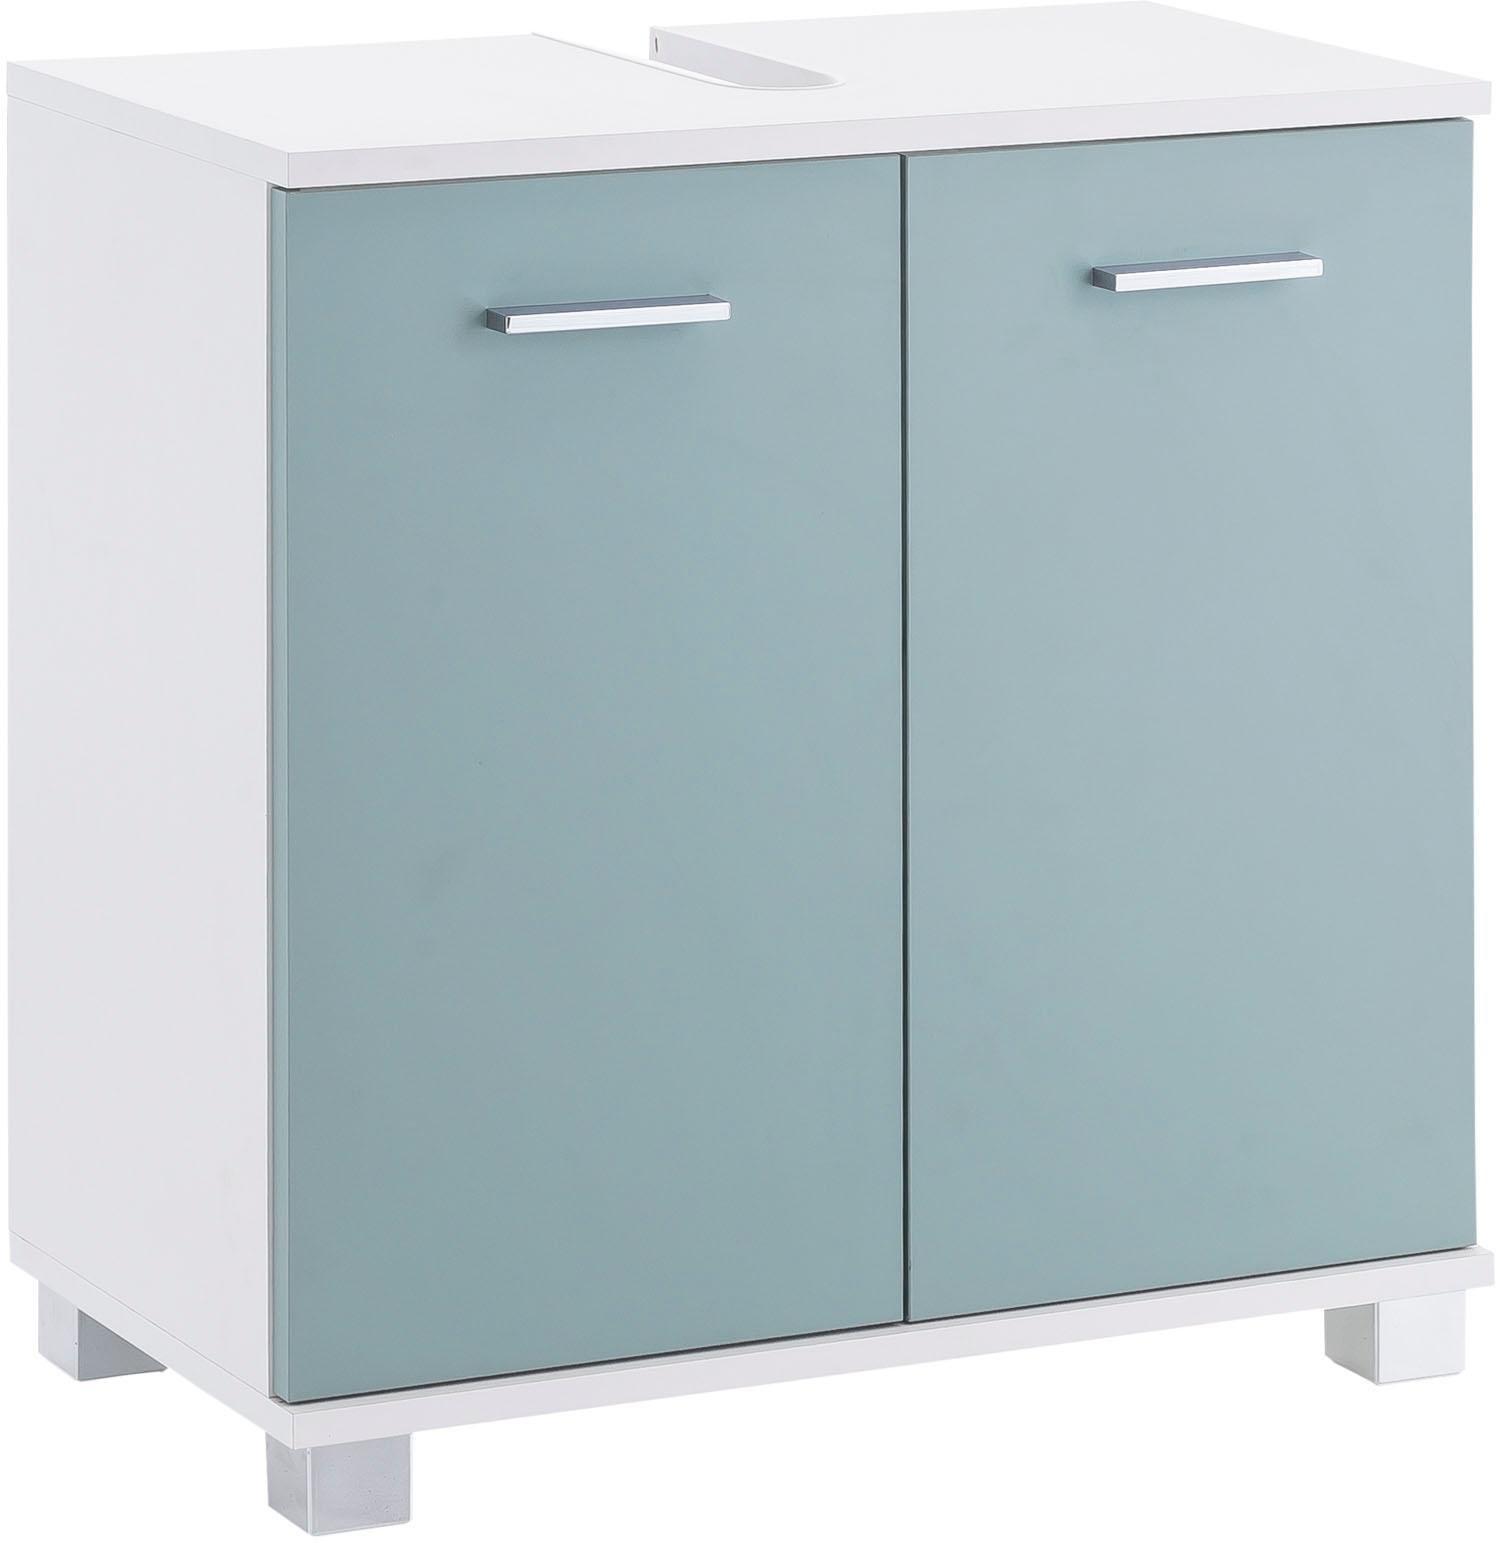 Schildmeyer wastafelonderkast LUMO Breedte 60 cm, met 2 deuren & metalen handgrepen nu online kopen bij OTTO